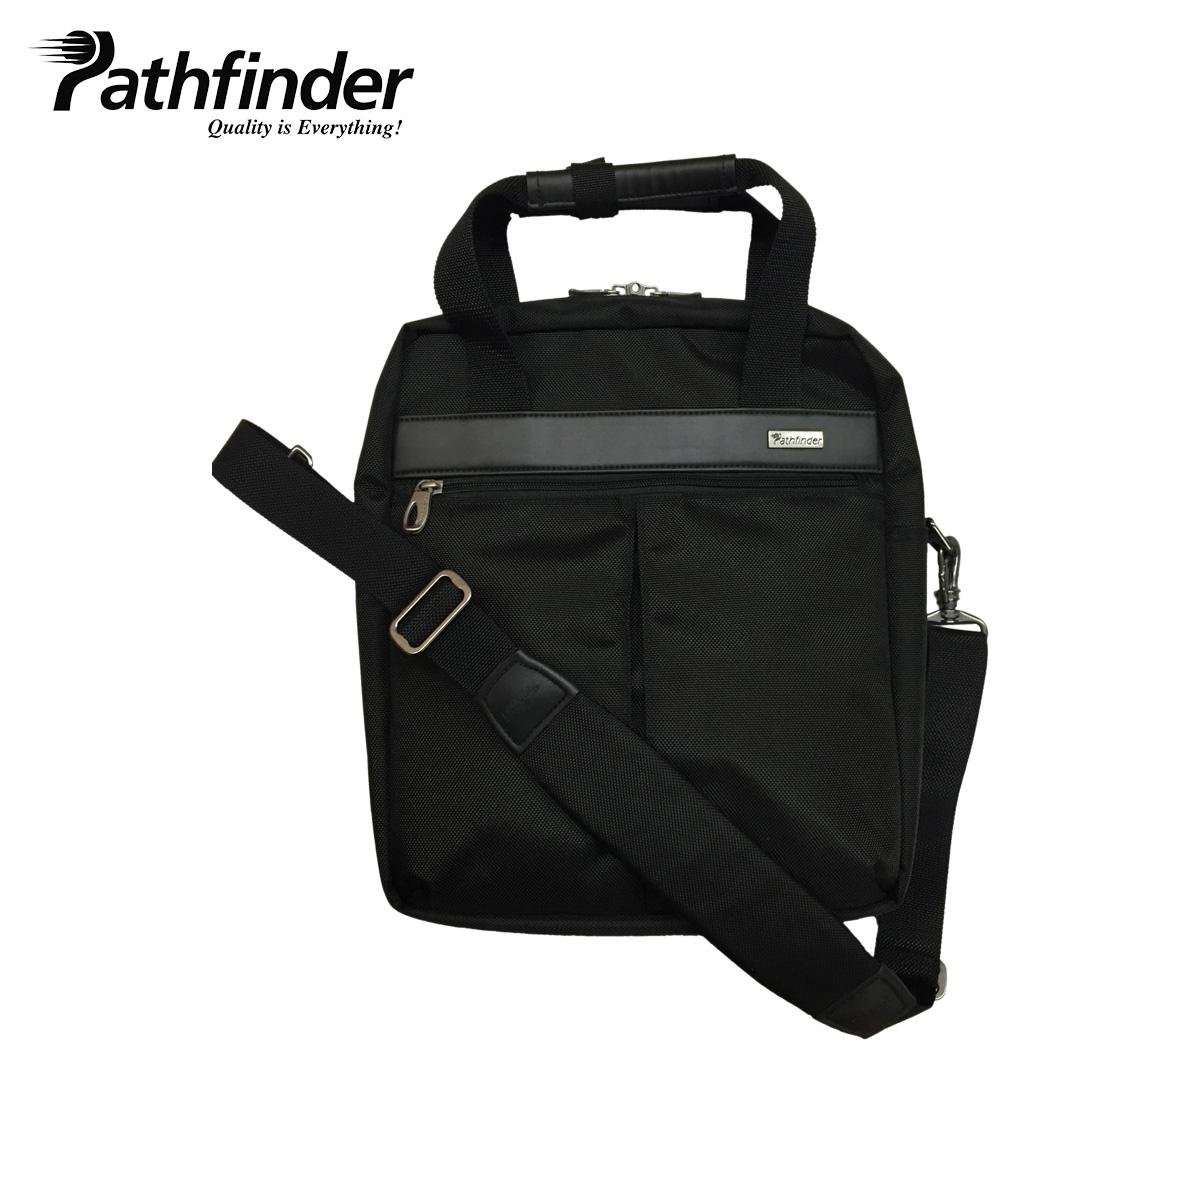 Pathfinder AVENGER パスファインダー トート バッグ ビジネスバッグ ショルダー メンズ ブラック 黒 PF1814B